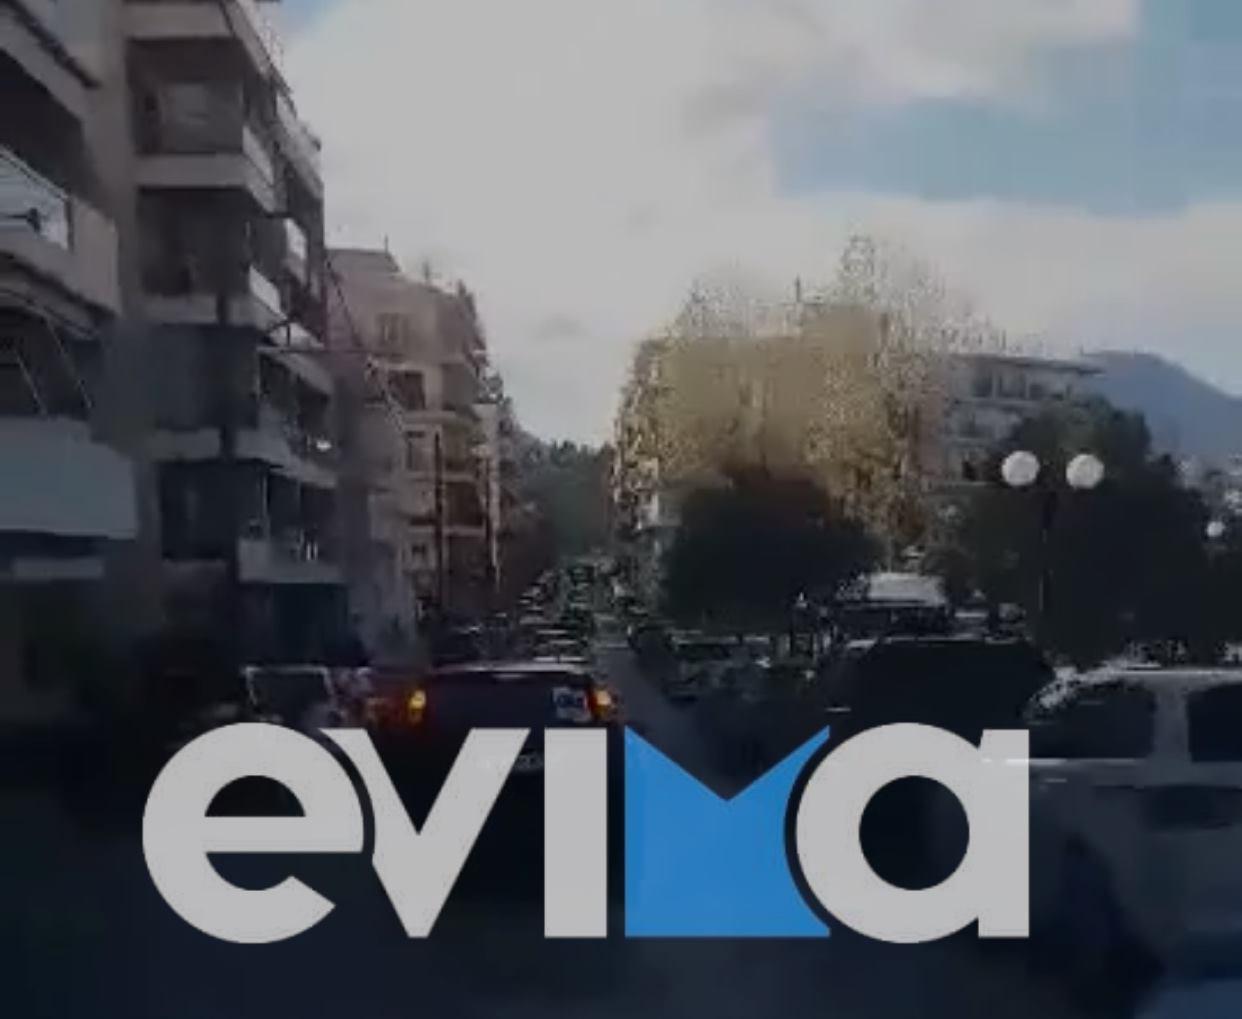 Εύβοια Χαλκίδα: Με αυτοκινητοπομπή διαμαρτυρήθηκαν οι επαγγελματίες της Χαλκίδας [βίντεο]